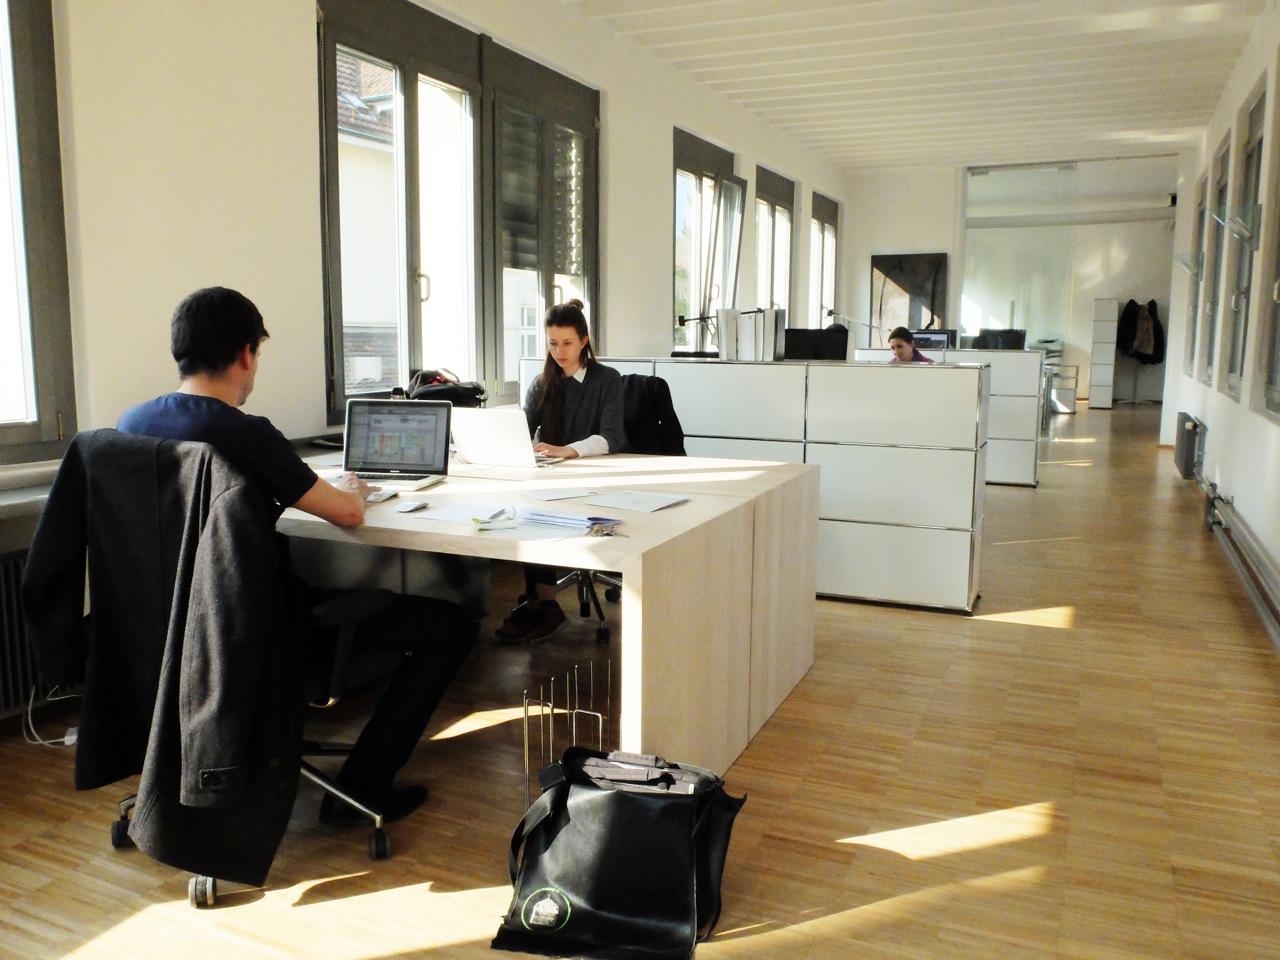 Arbeitsplaetze-Coworking-Loreto-Mitteltrakt-1